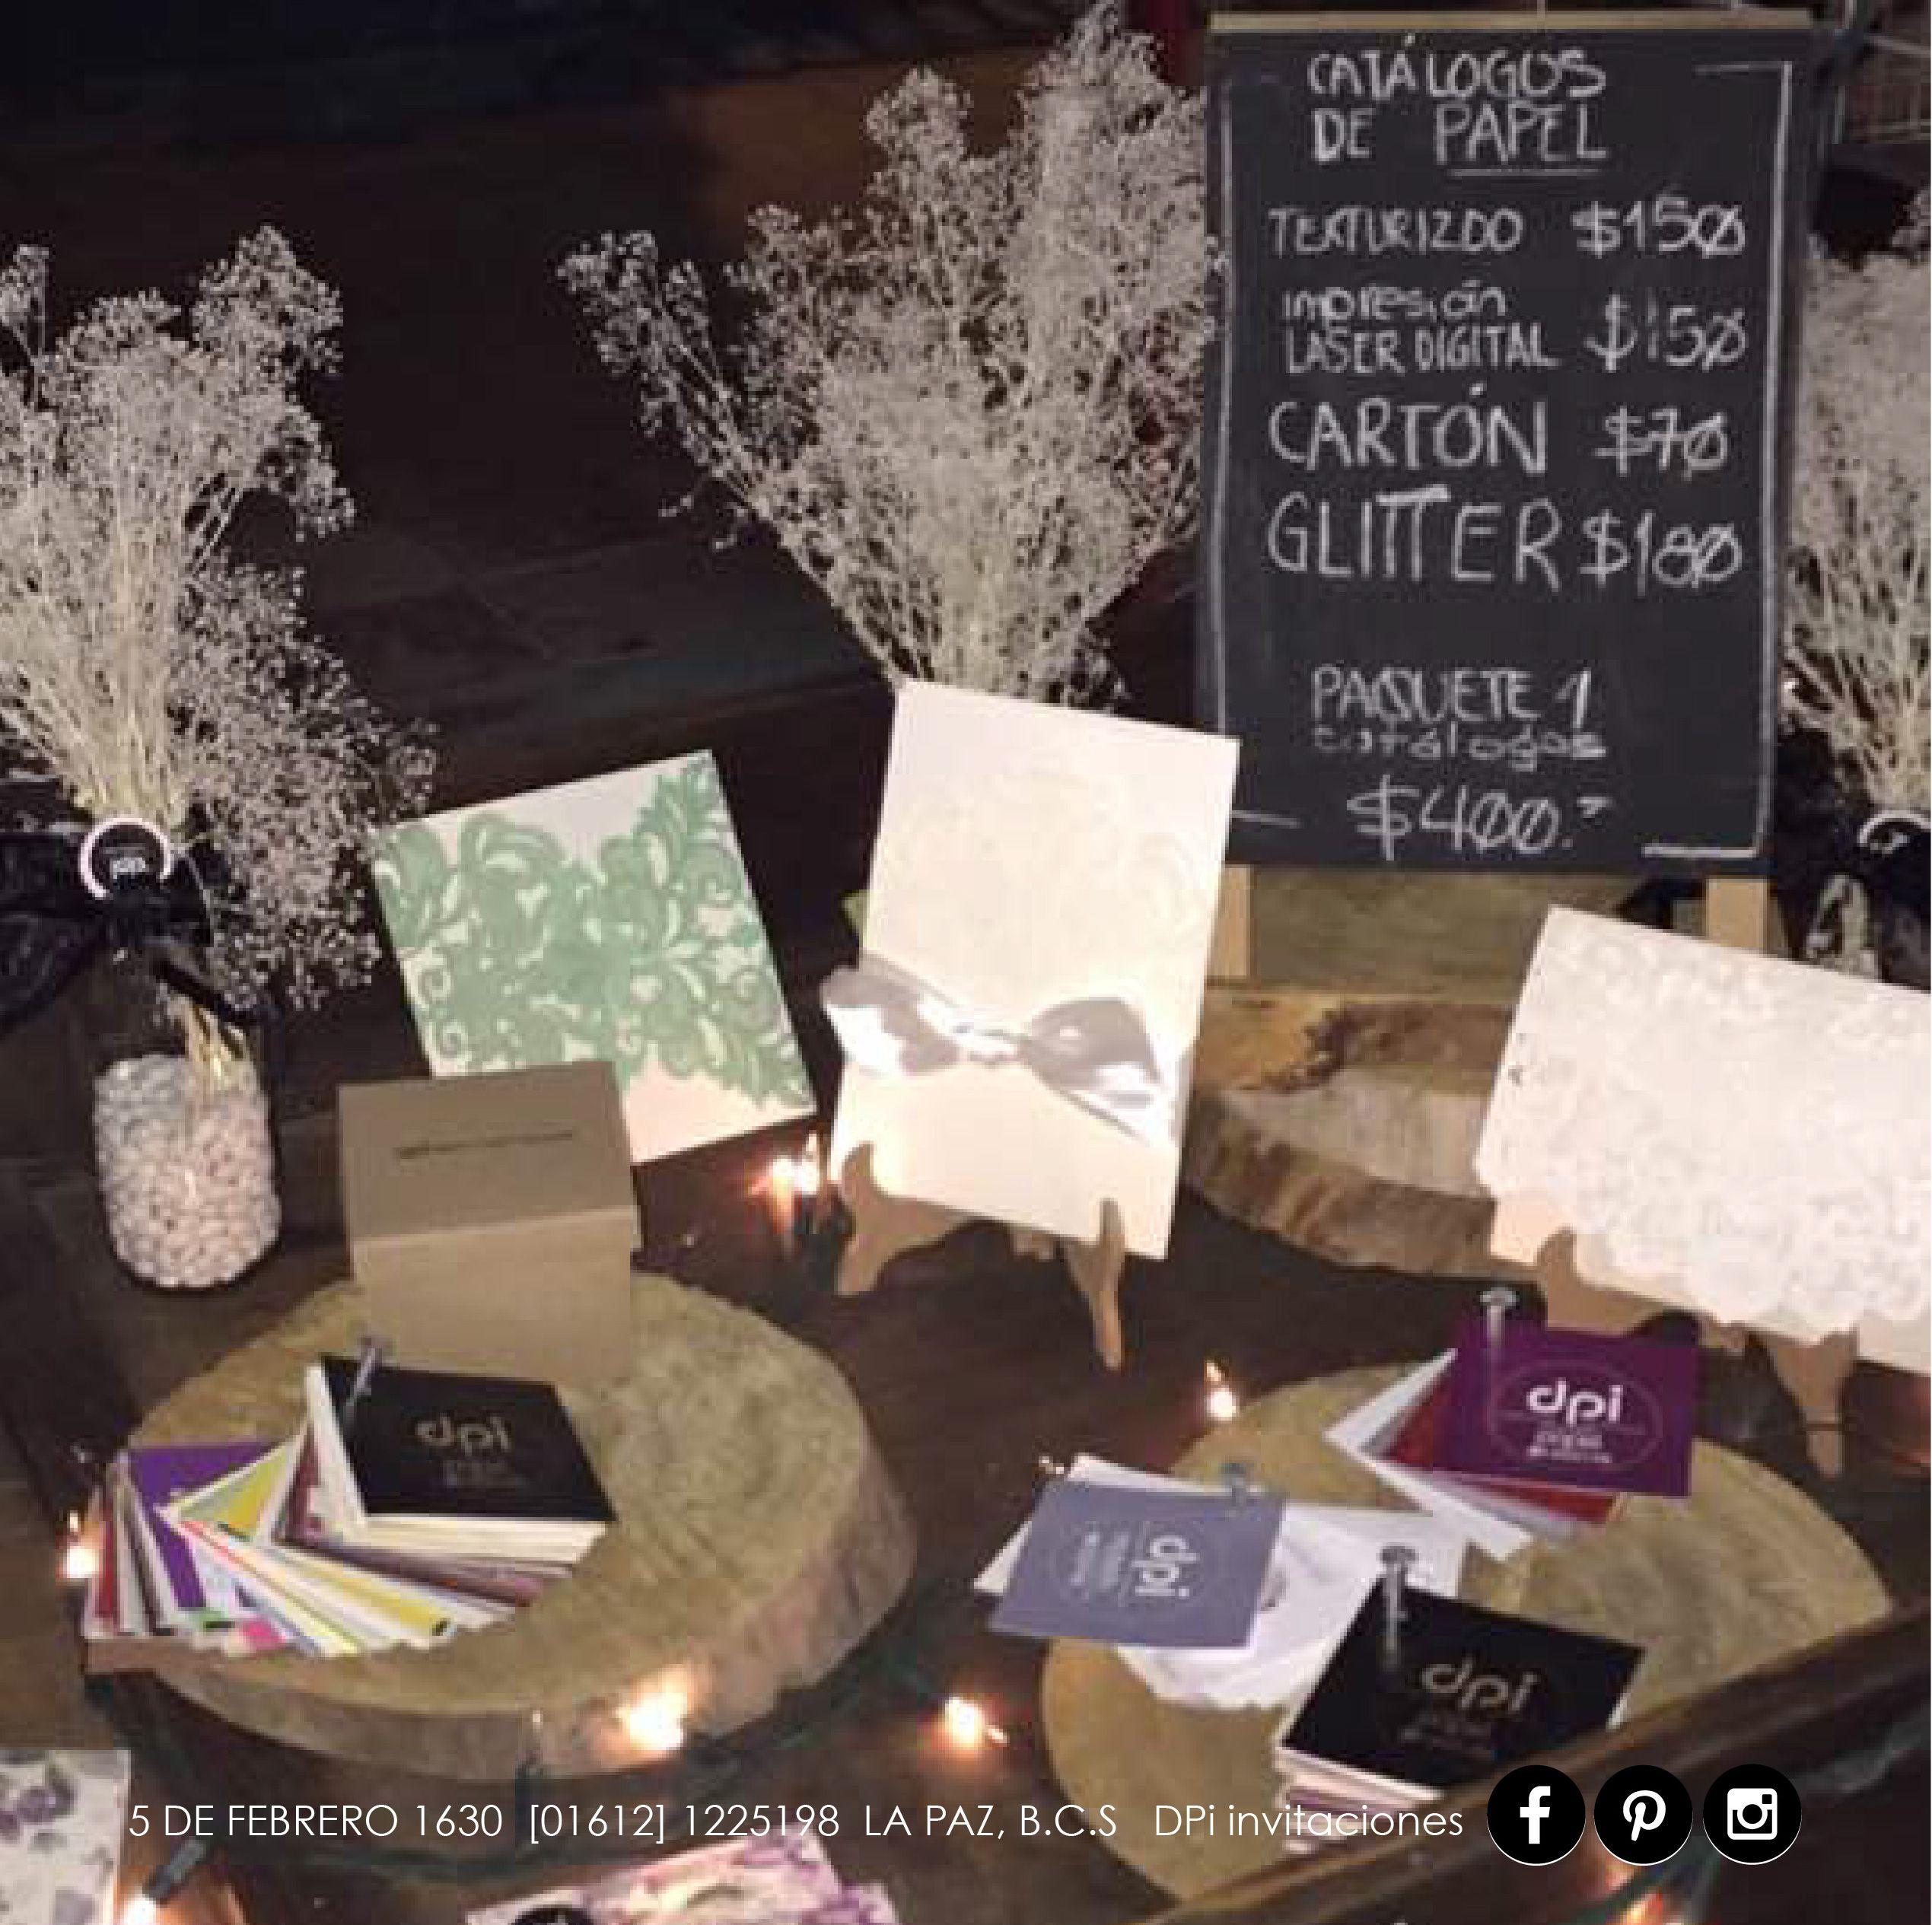 #conusmelocal #consumepaceño #FestivaldeDiseño2016 #diseñopapeleimpresión #iDEALÍZATE con #DPinvitaciones